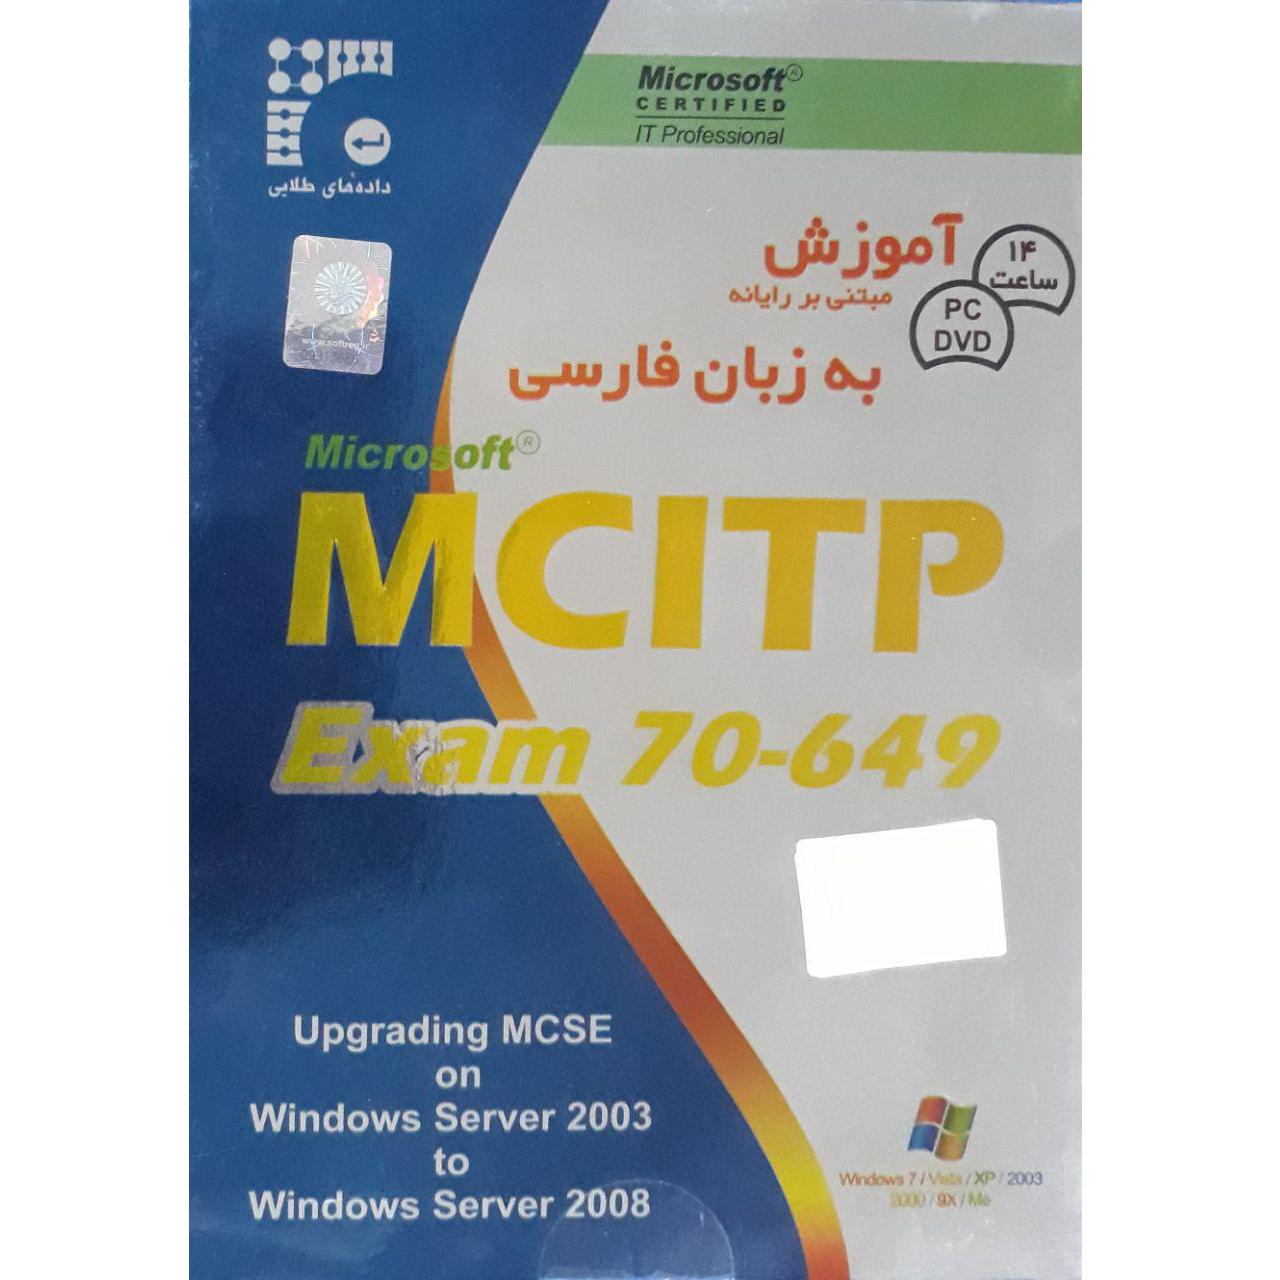 آموزش مایکروسافت MCITP نشر داده های طلایی